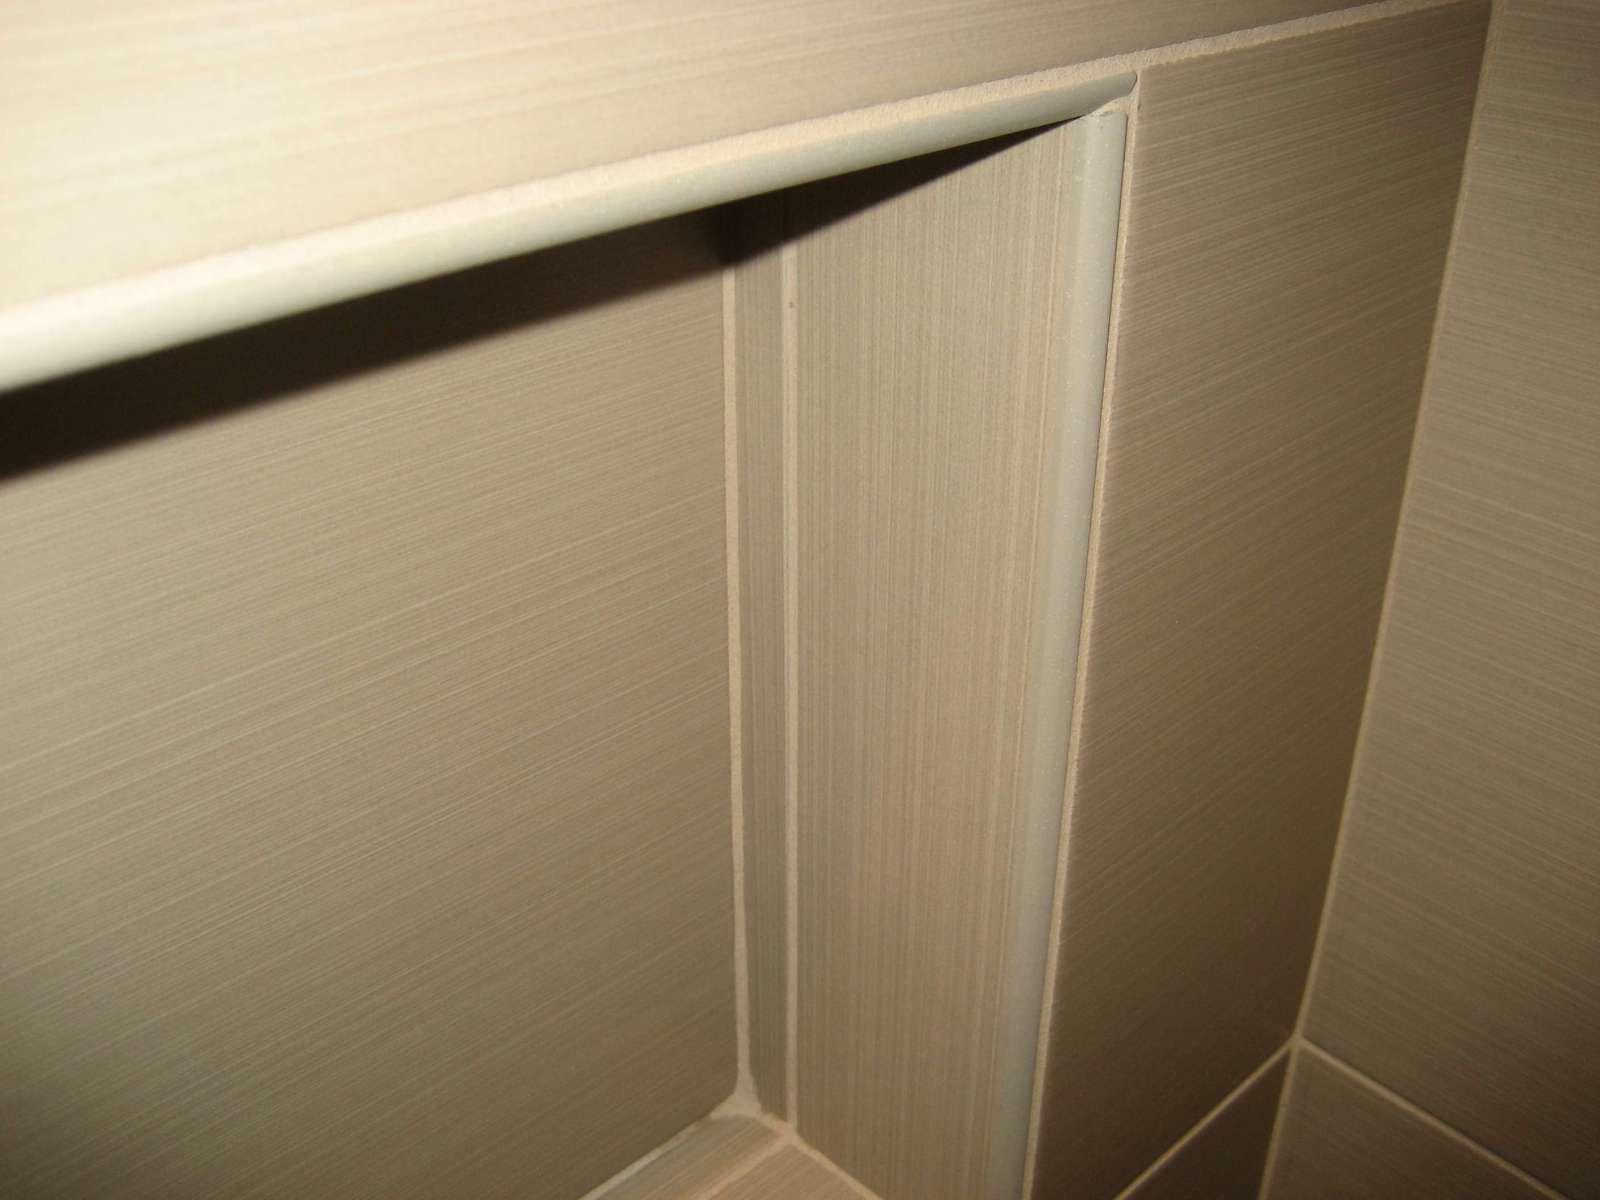 Schluter Jolly Edge Trim In Contemporary Shower Bathroom